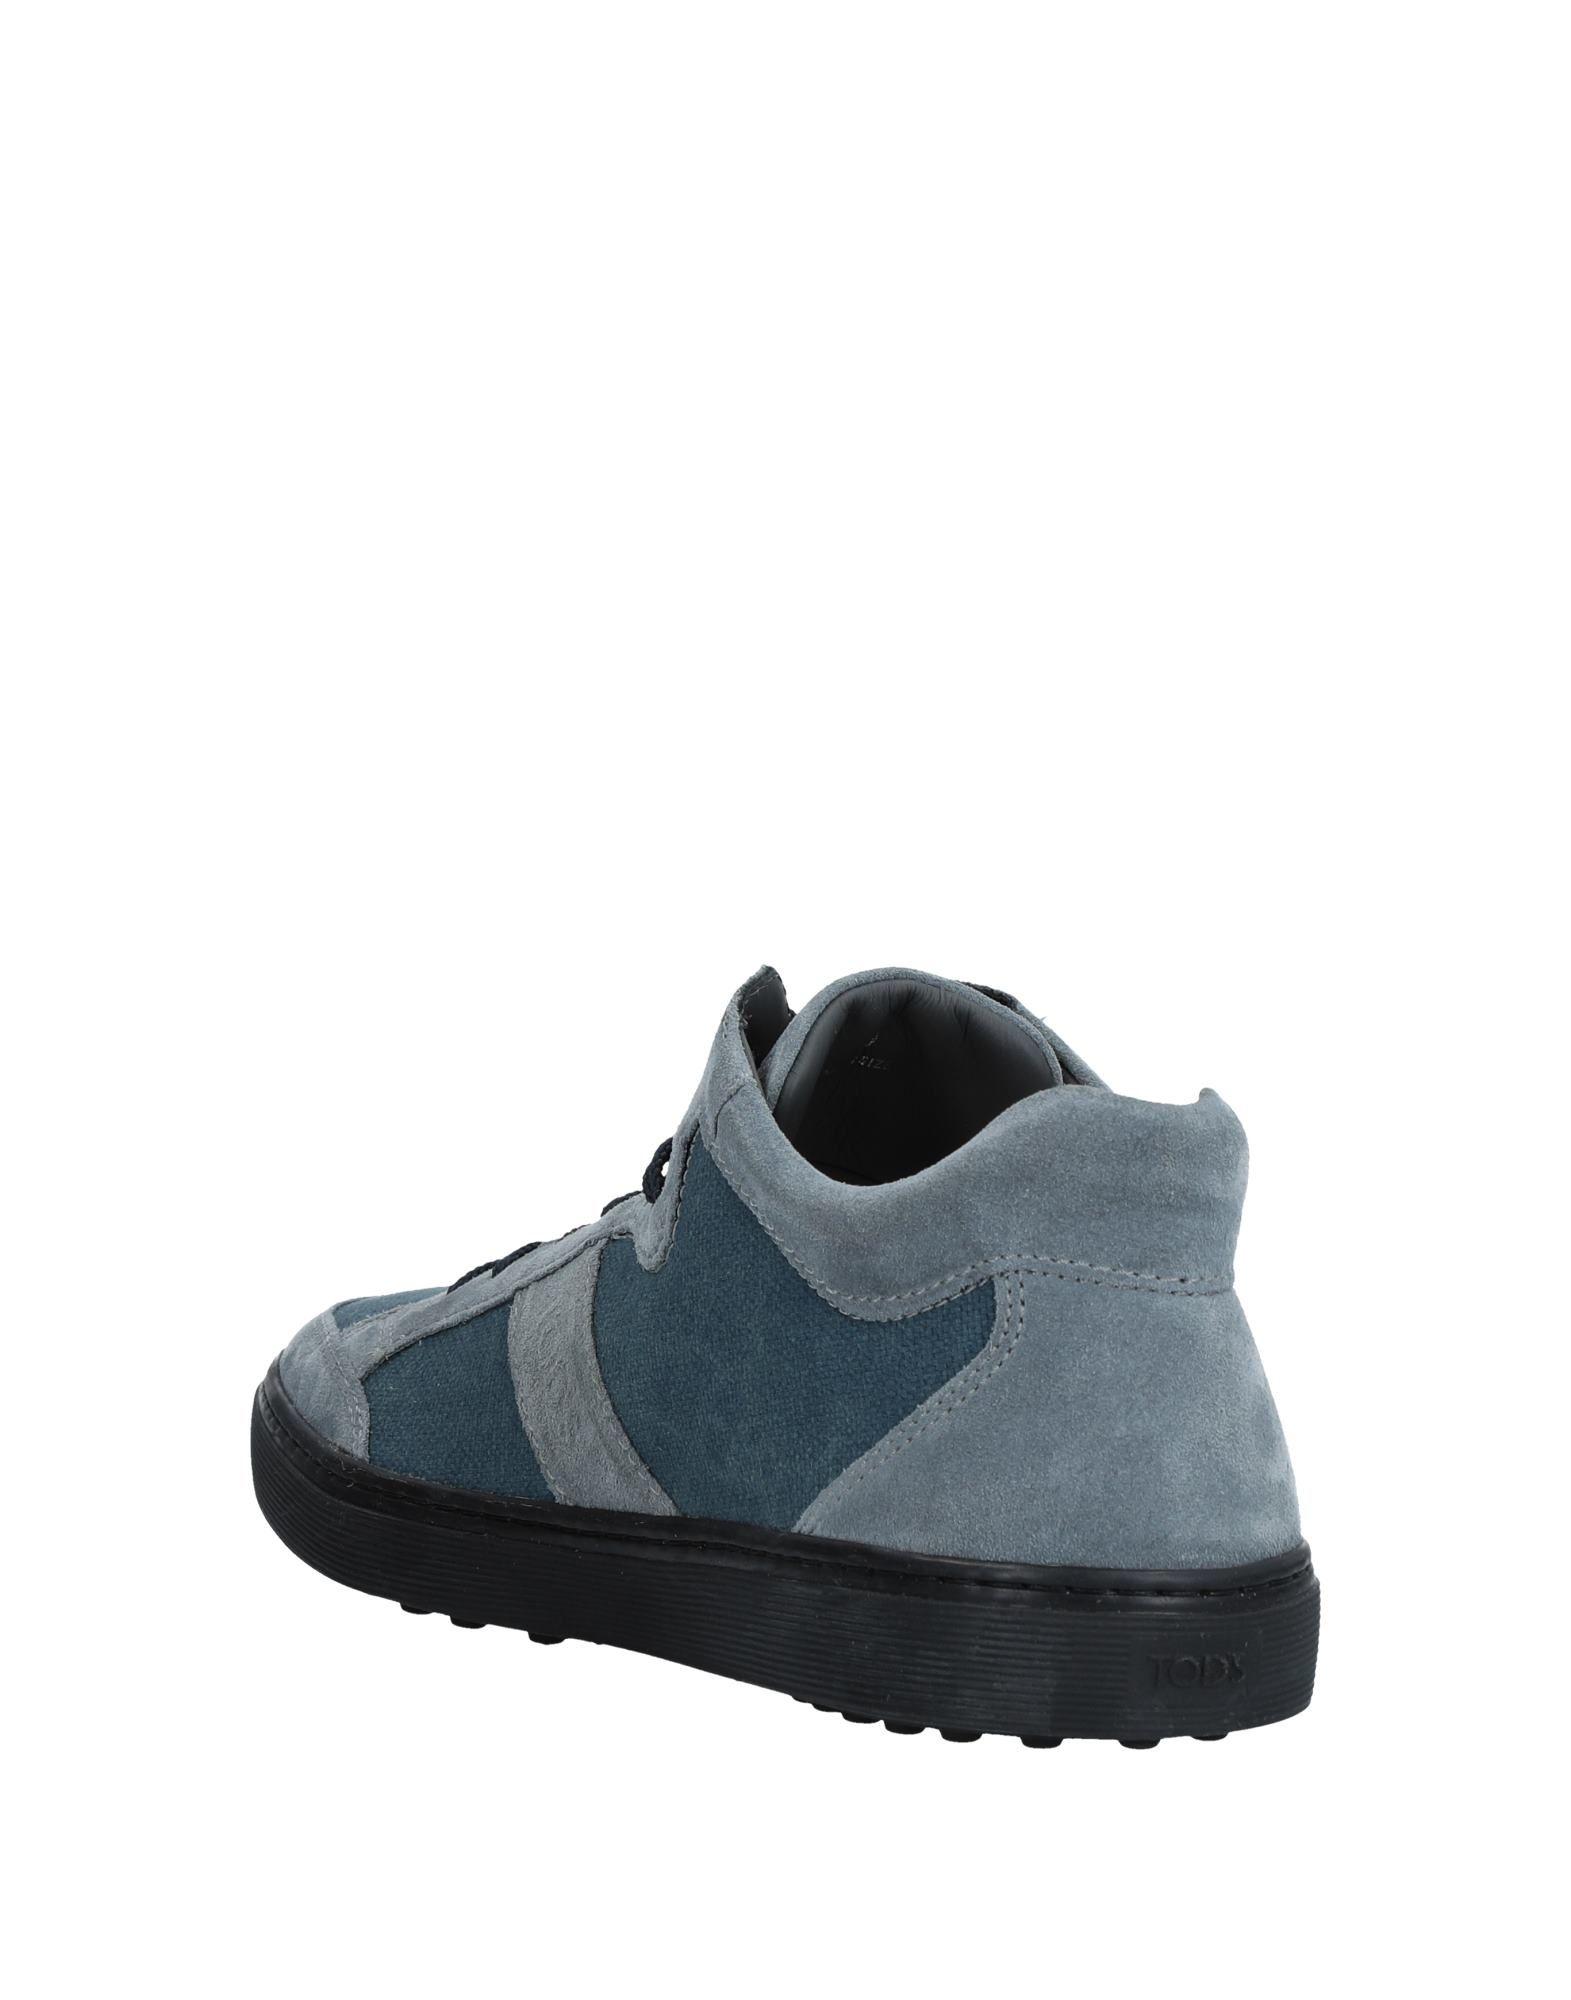 Scarpe economiche e resistenti Sneakers Sneakers Sneakers Tod's Uomo - 11542742IE d9cea0